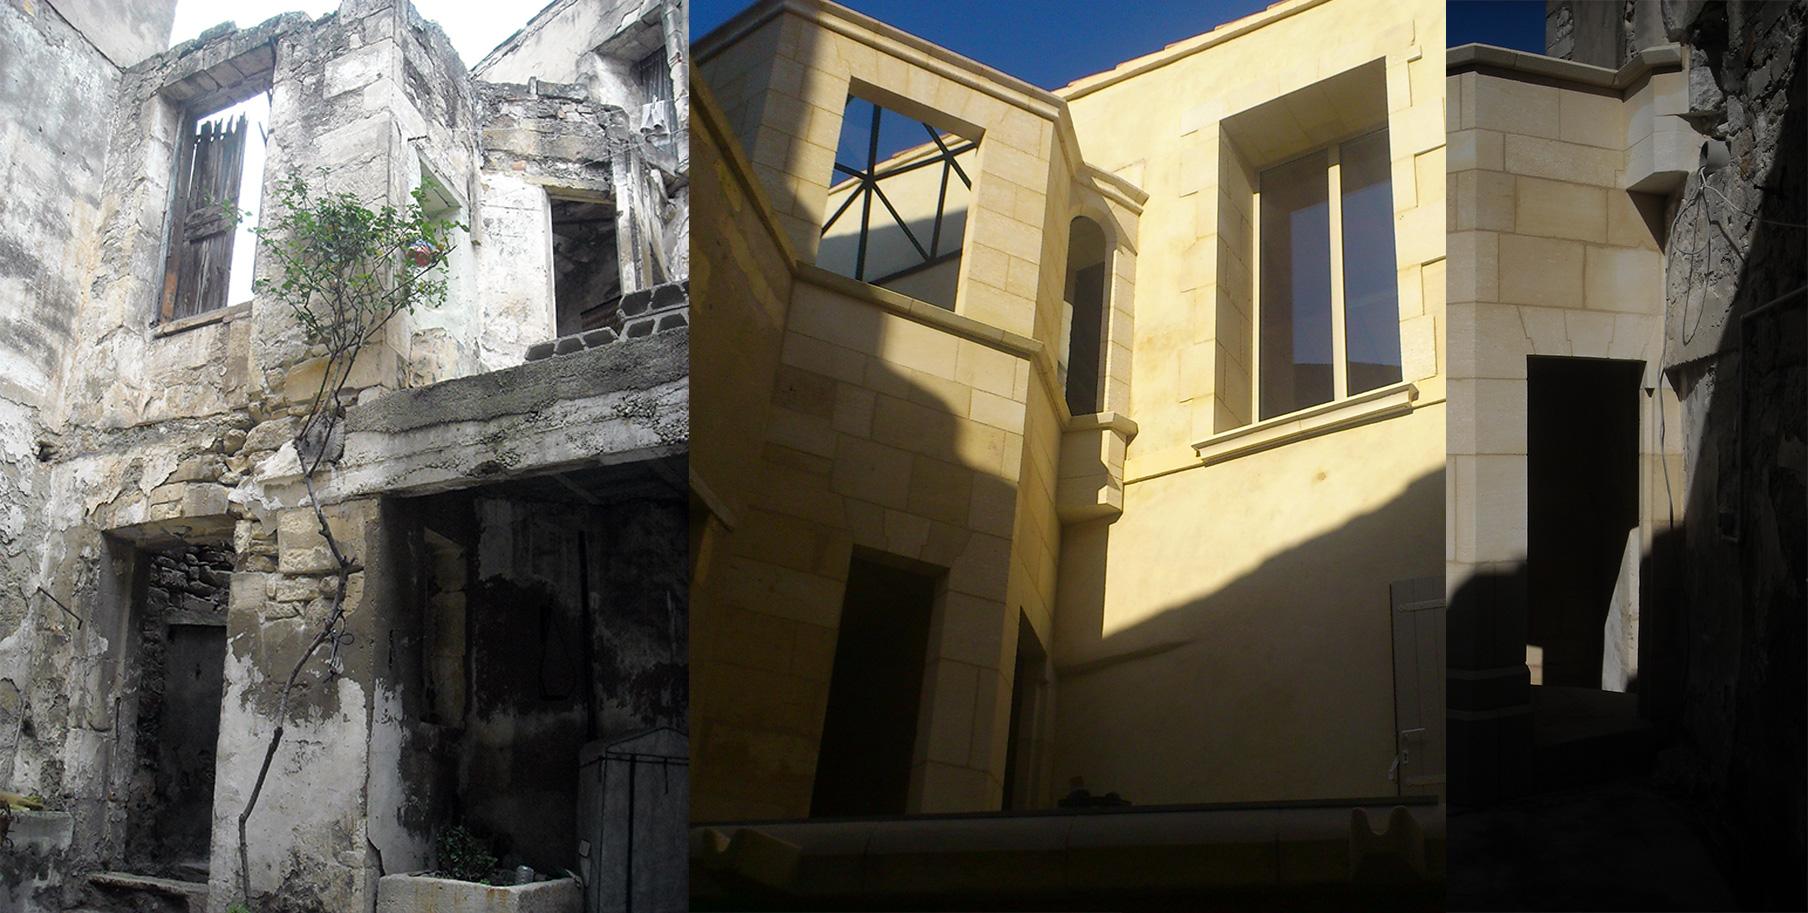 Rénovation d'une façade dans une cour intérieure